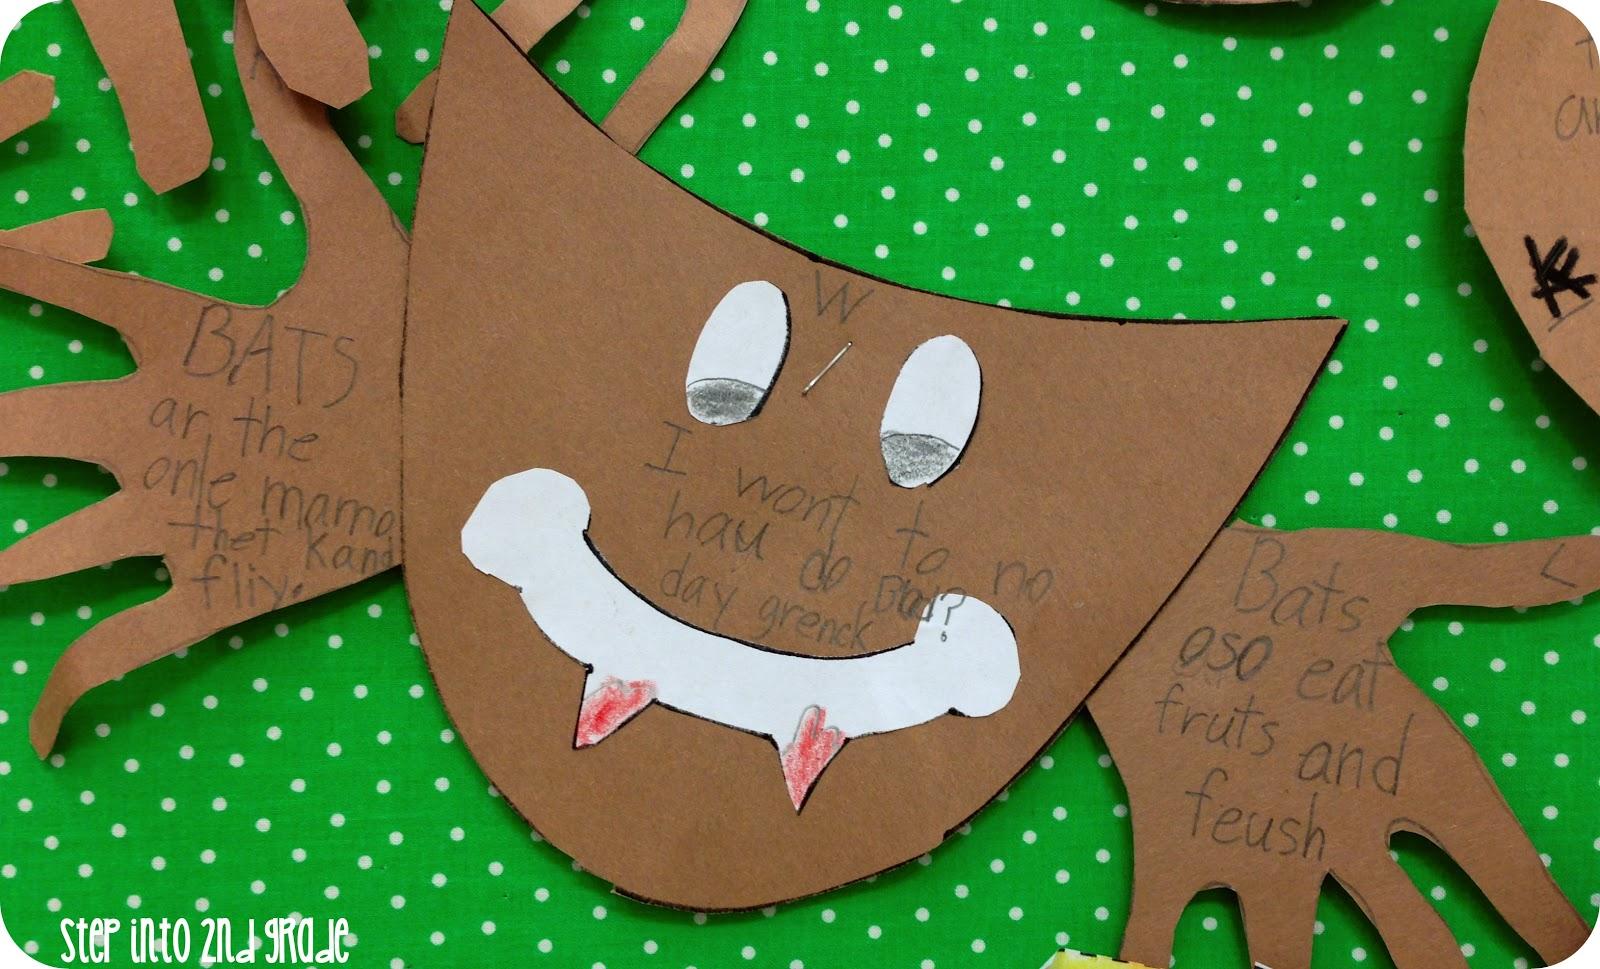 math worksheet : bat math for first grade  worksheets on study  writing skills : Bat Math Worksheets